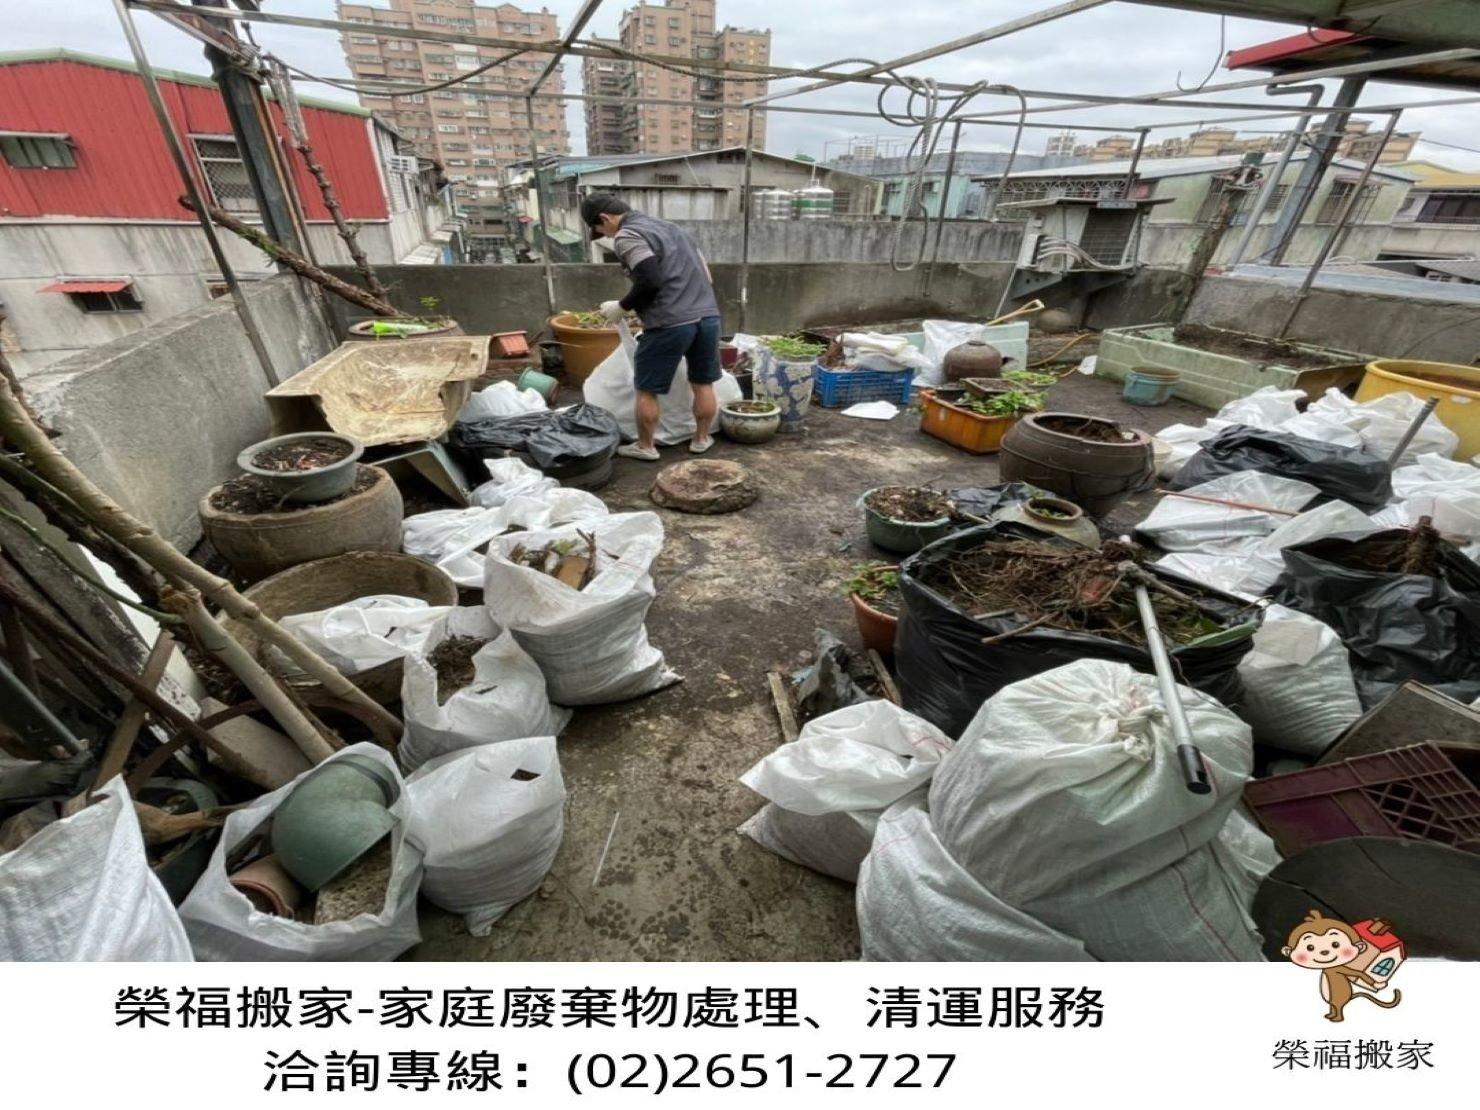 【廢棄物處理清運、家庭家具垃圾處理】位於陽台或是頂屋不要的枯萎花草、廢棄土壤、丟掉盆栽,要如何回收處理?